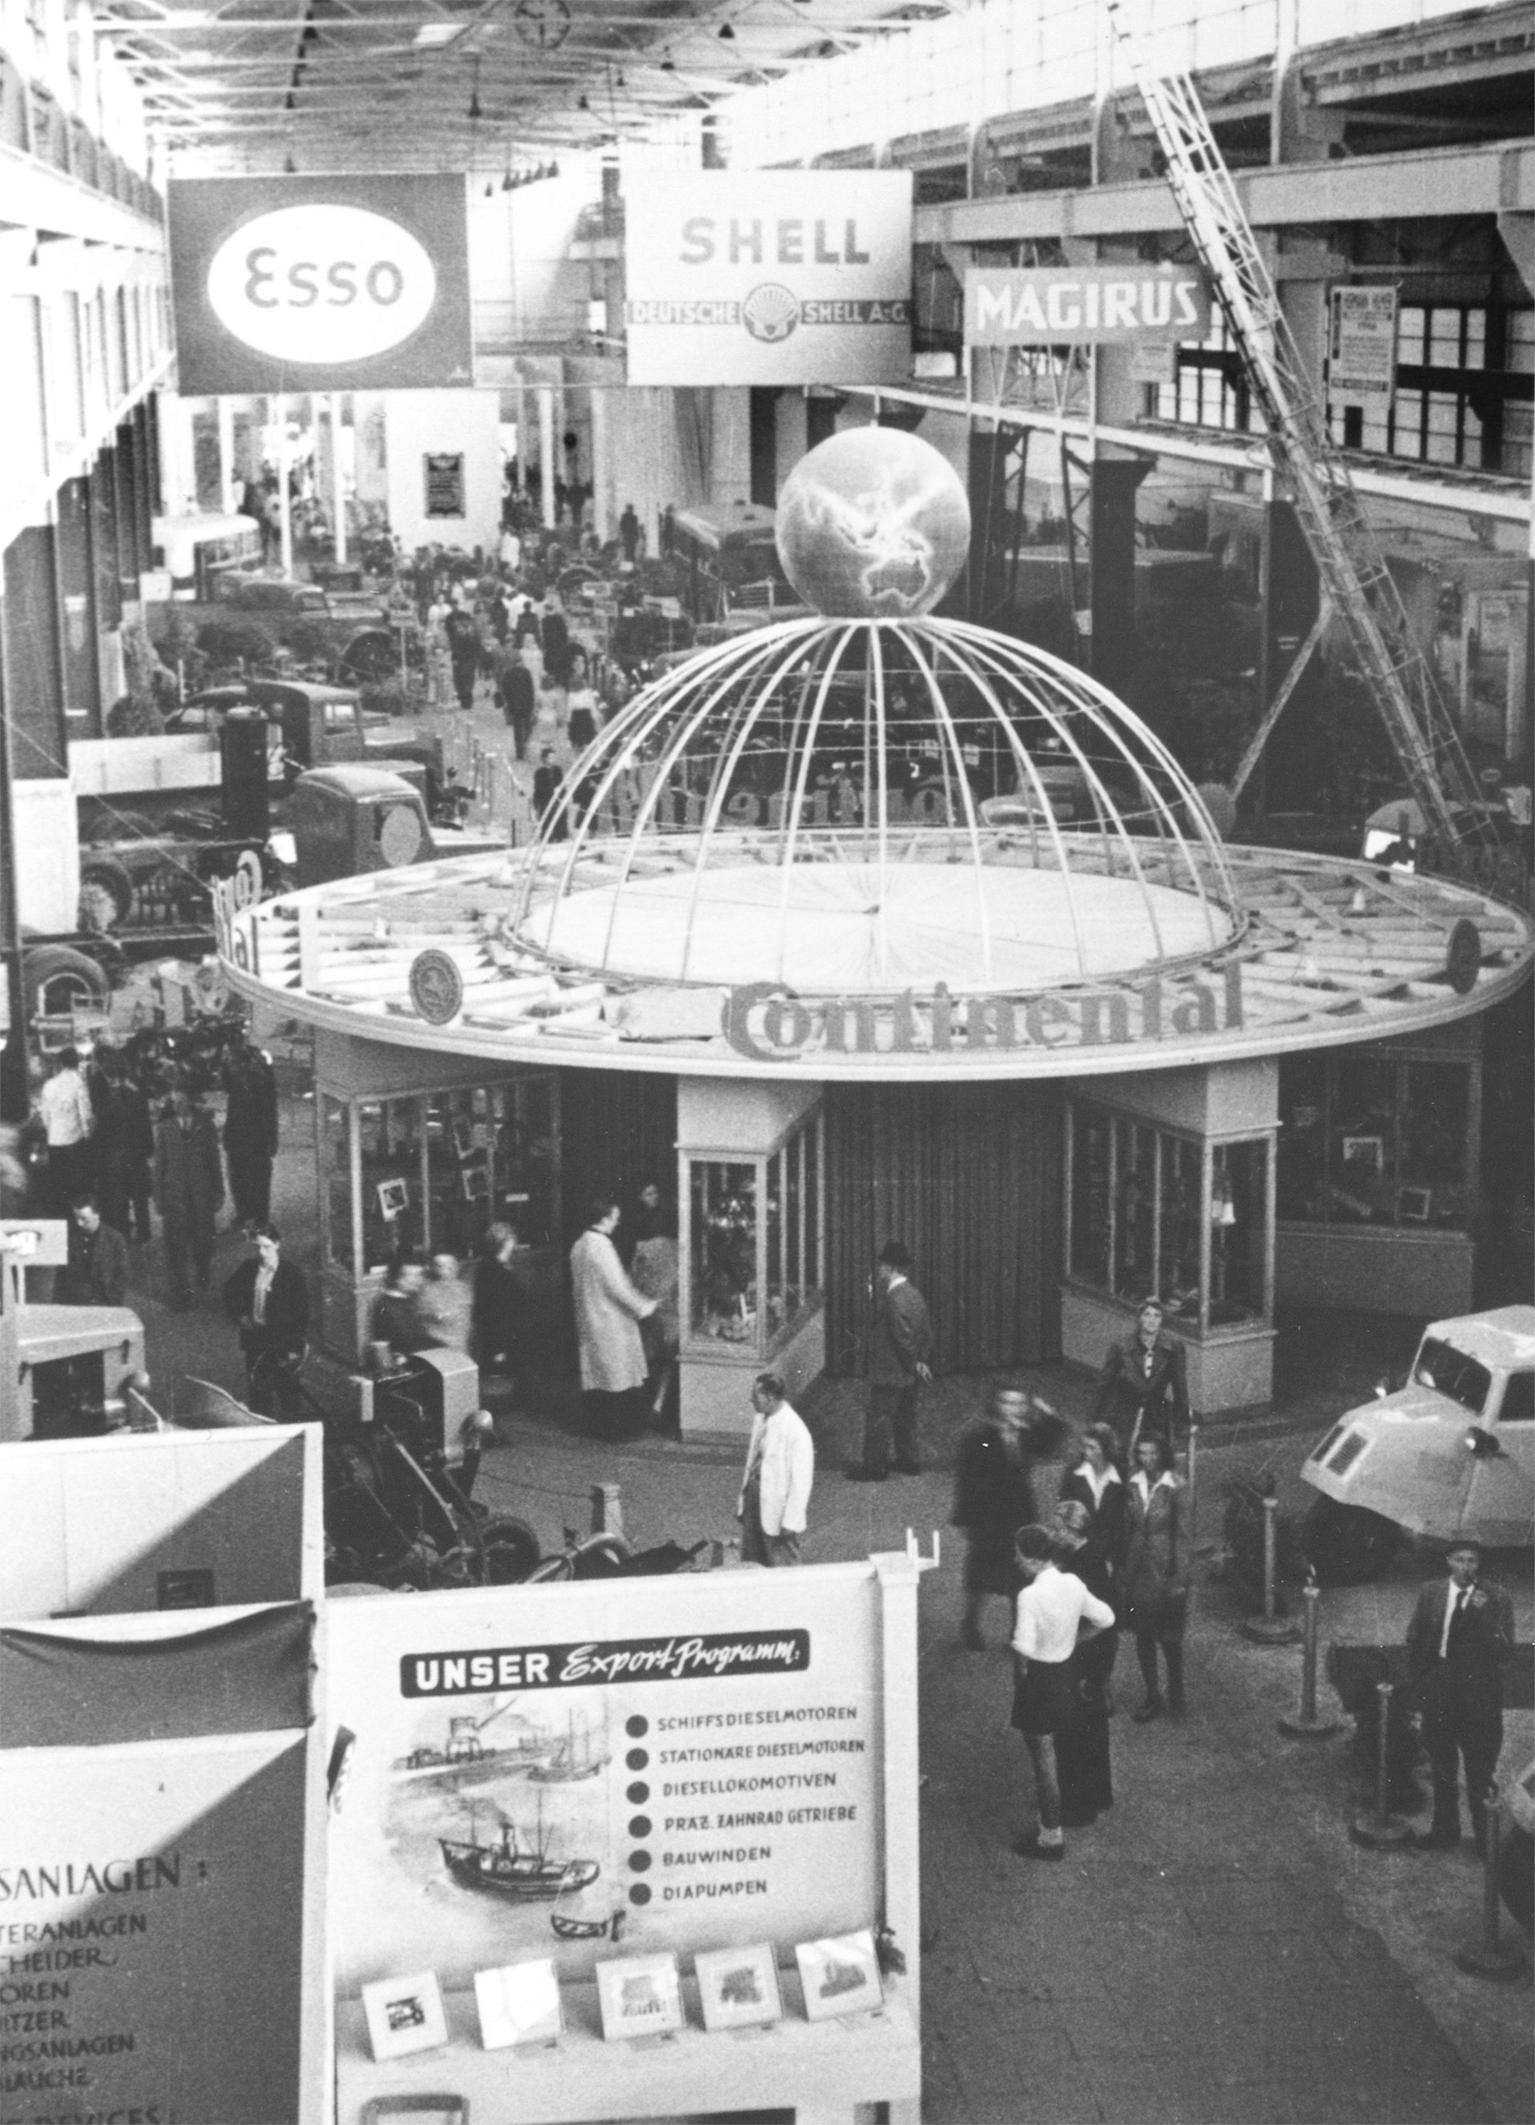 Als hannoversches Traditionsunternehmen ist Continental seit 70 Jahren stets am Puls der Zeit. Die Hannover Messe bietet Wirtschaft, Politik und Wissenschaft eine internationale Plattform für einen branchenübergreifenden Dialog. Foto: Continental